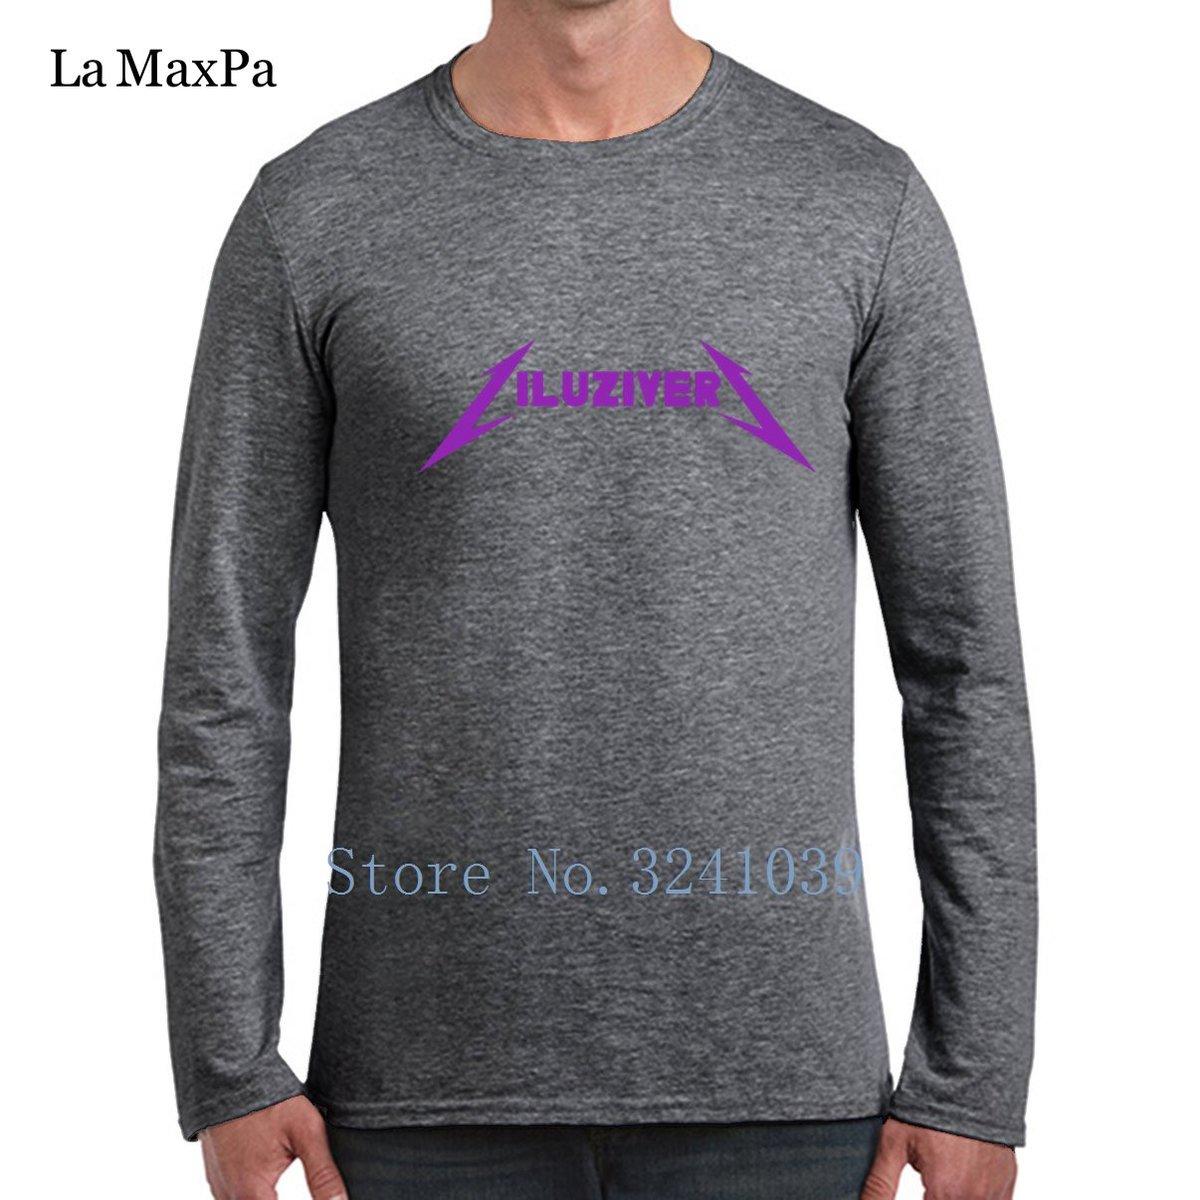 ImCustom Best Lil Uzi Ver Tee Shirts For Men Kawaii Pattern T-Shirt Man Sunlight long sleeve S-3xl Unisex Men's T Shirt Tee Tops